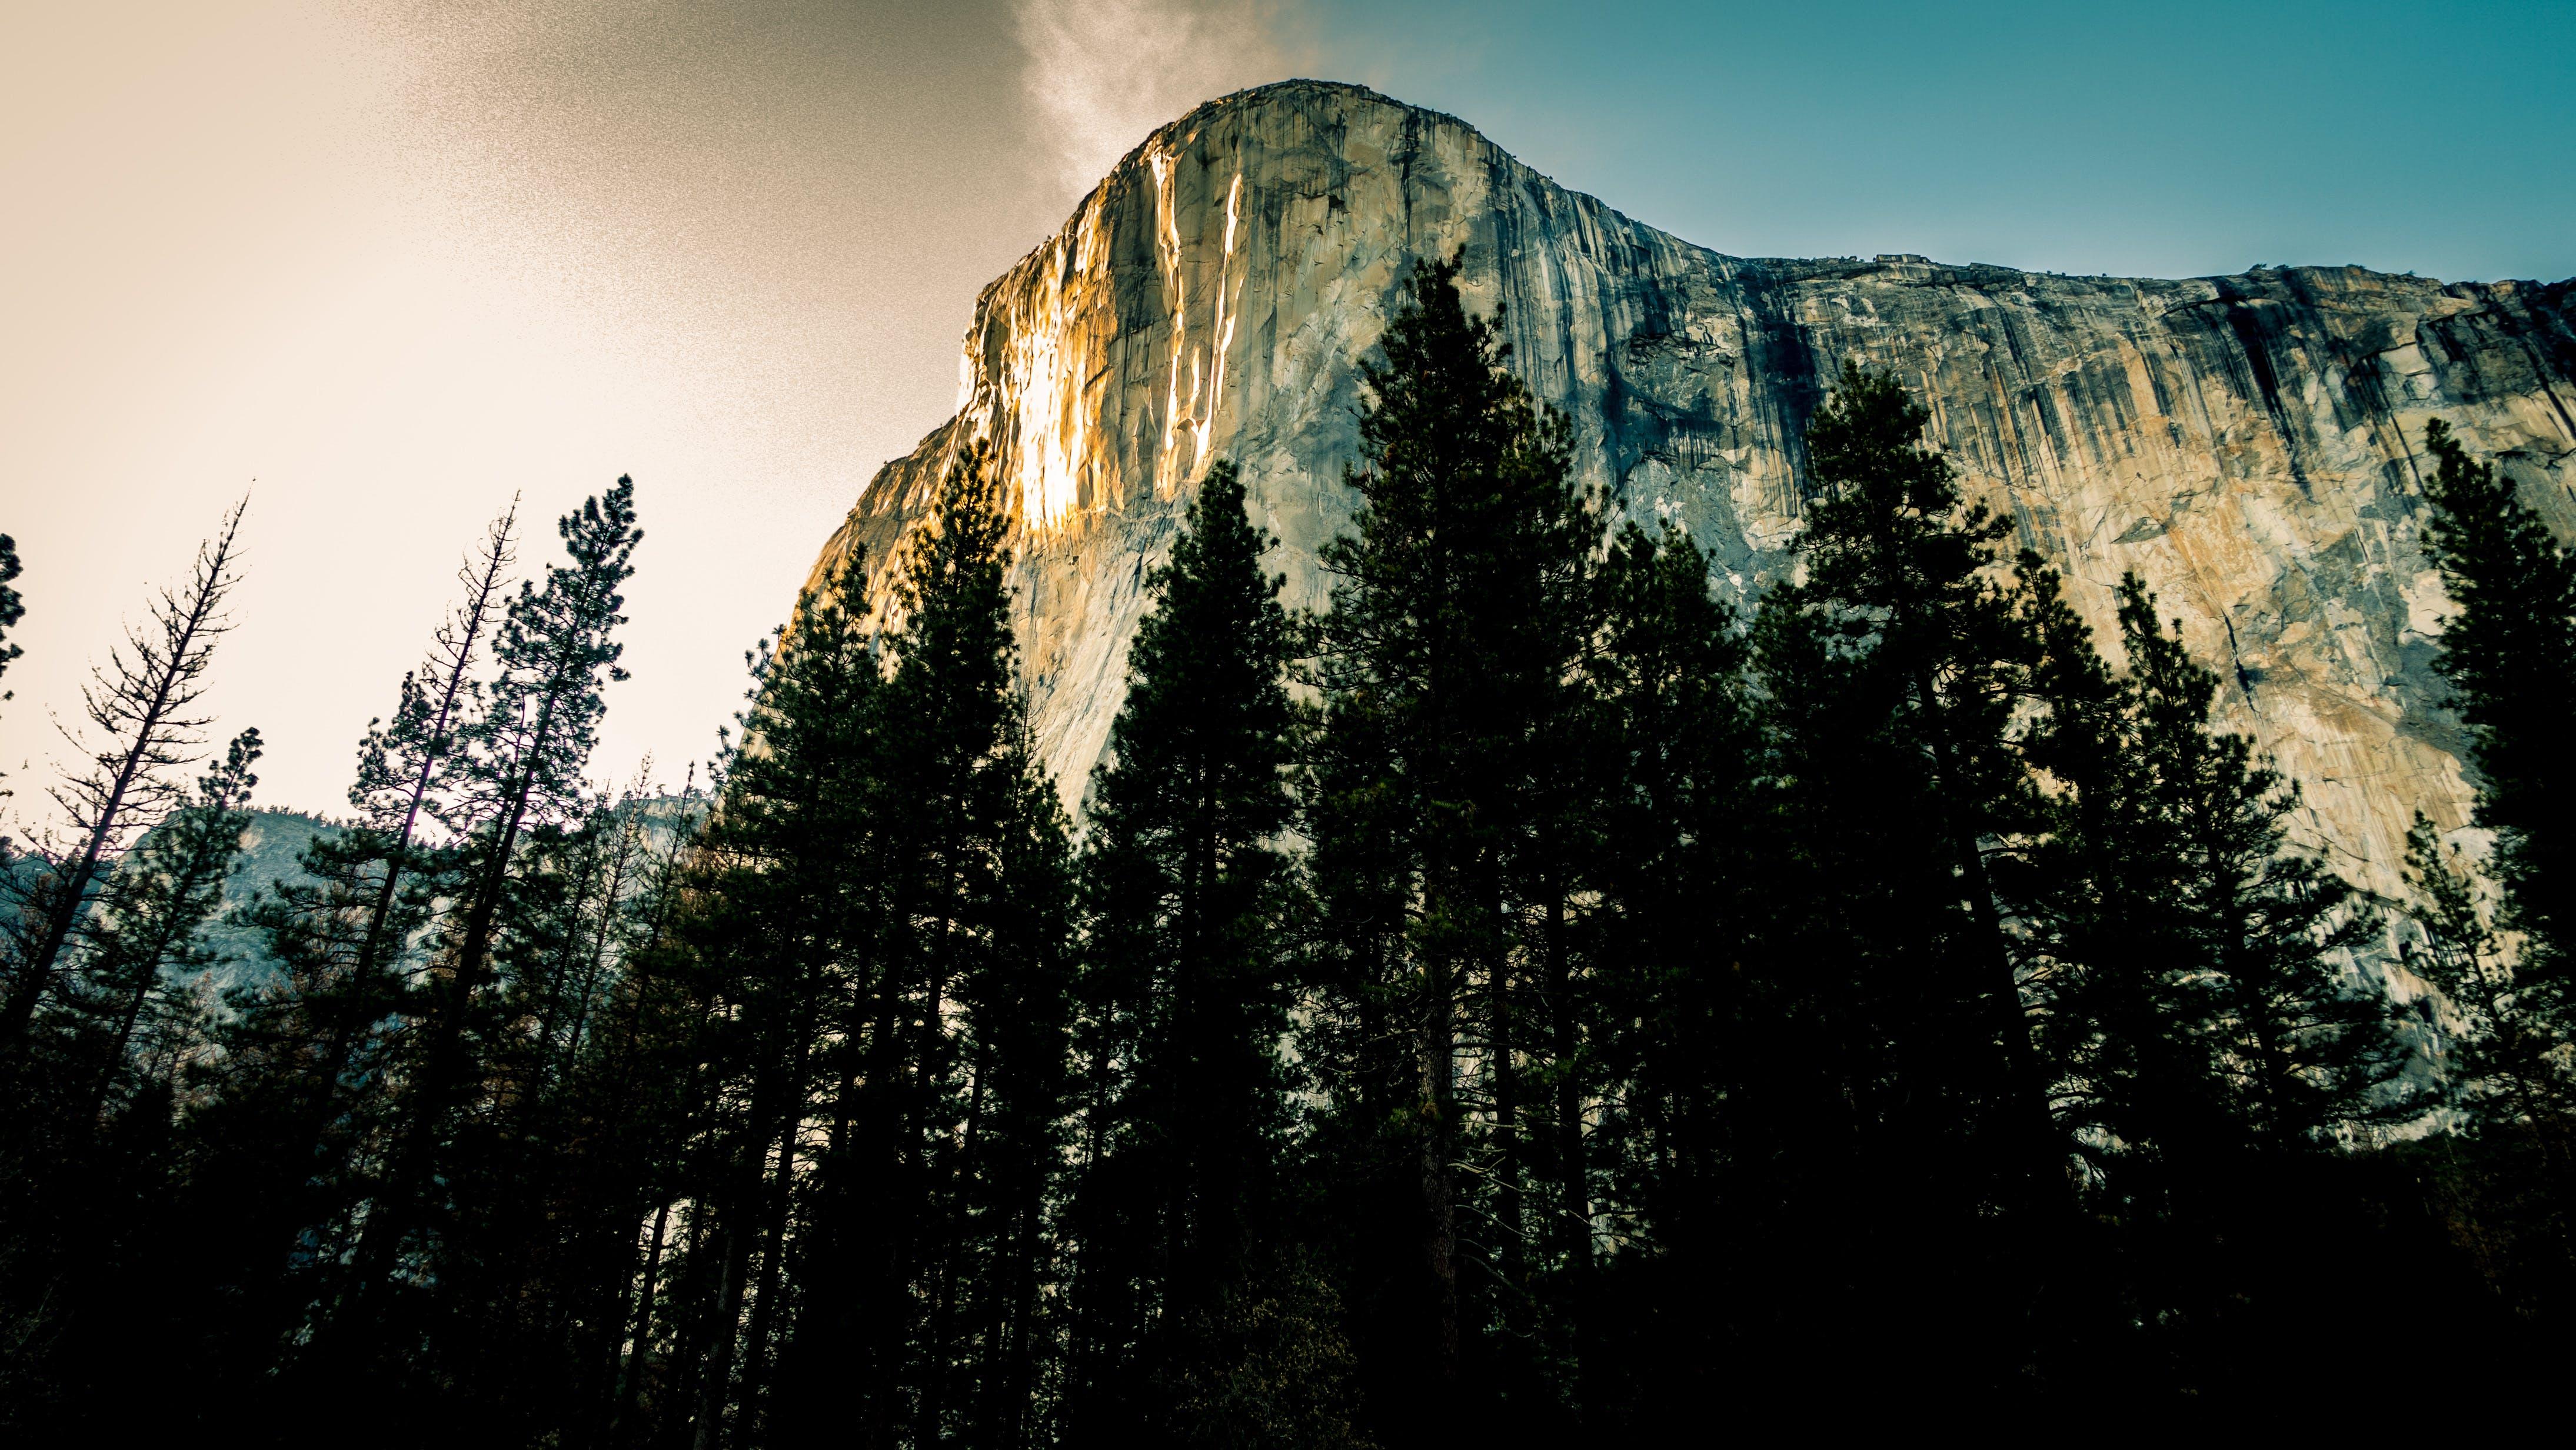 Pine Trees Near Mountain